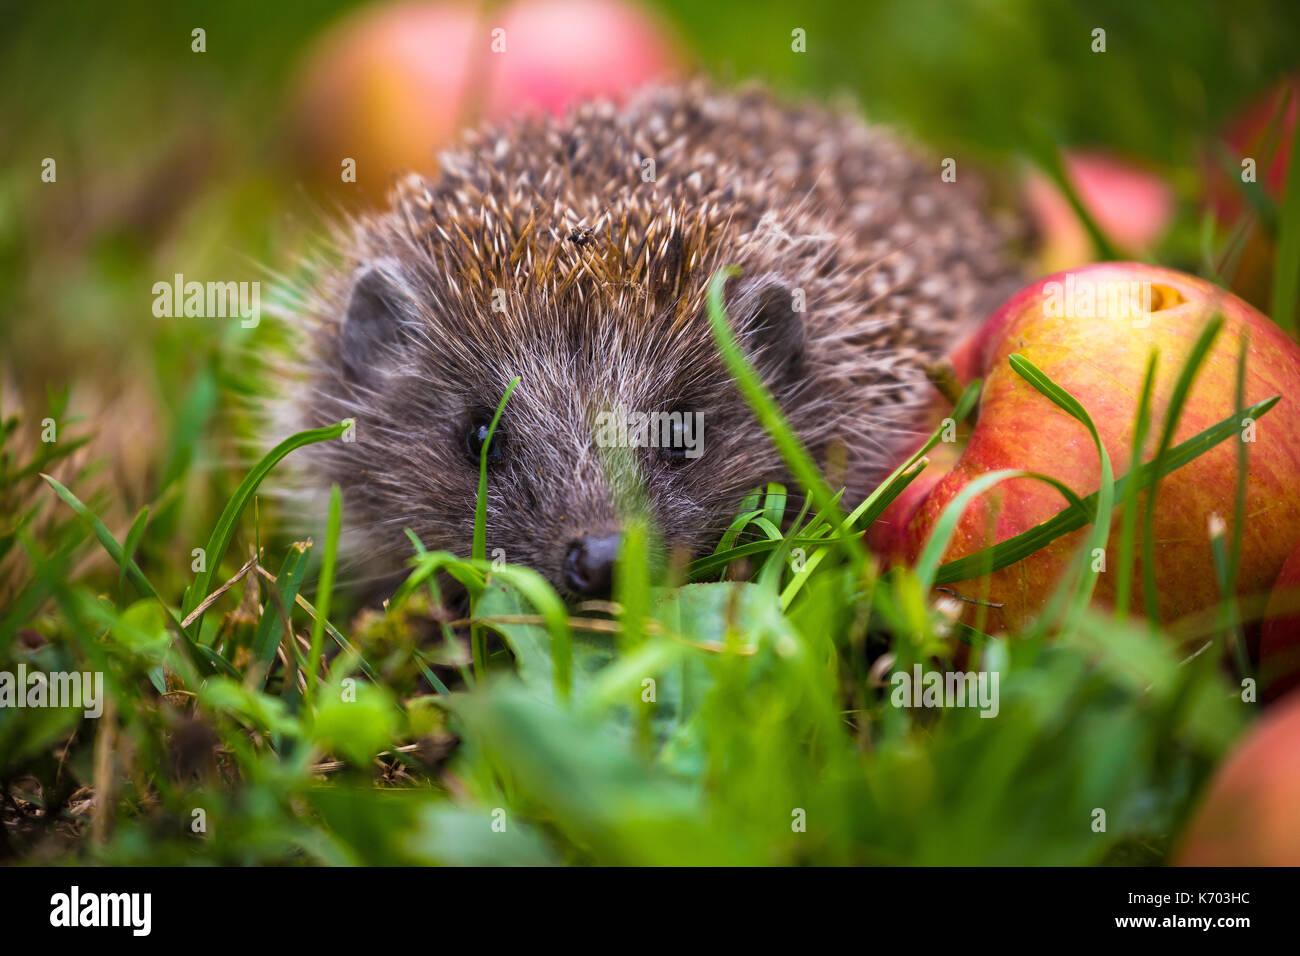 Hedgehog and aplles in nature view, wildlife portrait of Erinaceus europaeus - Stock Image